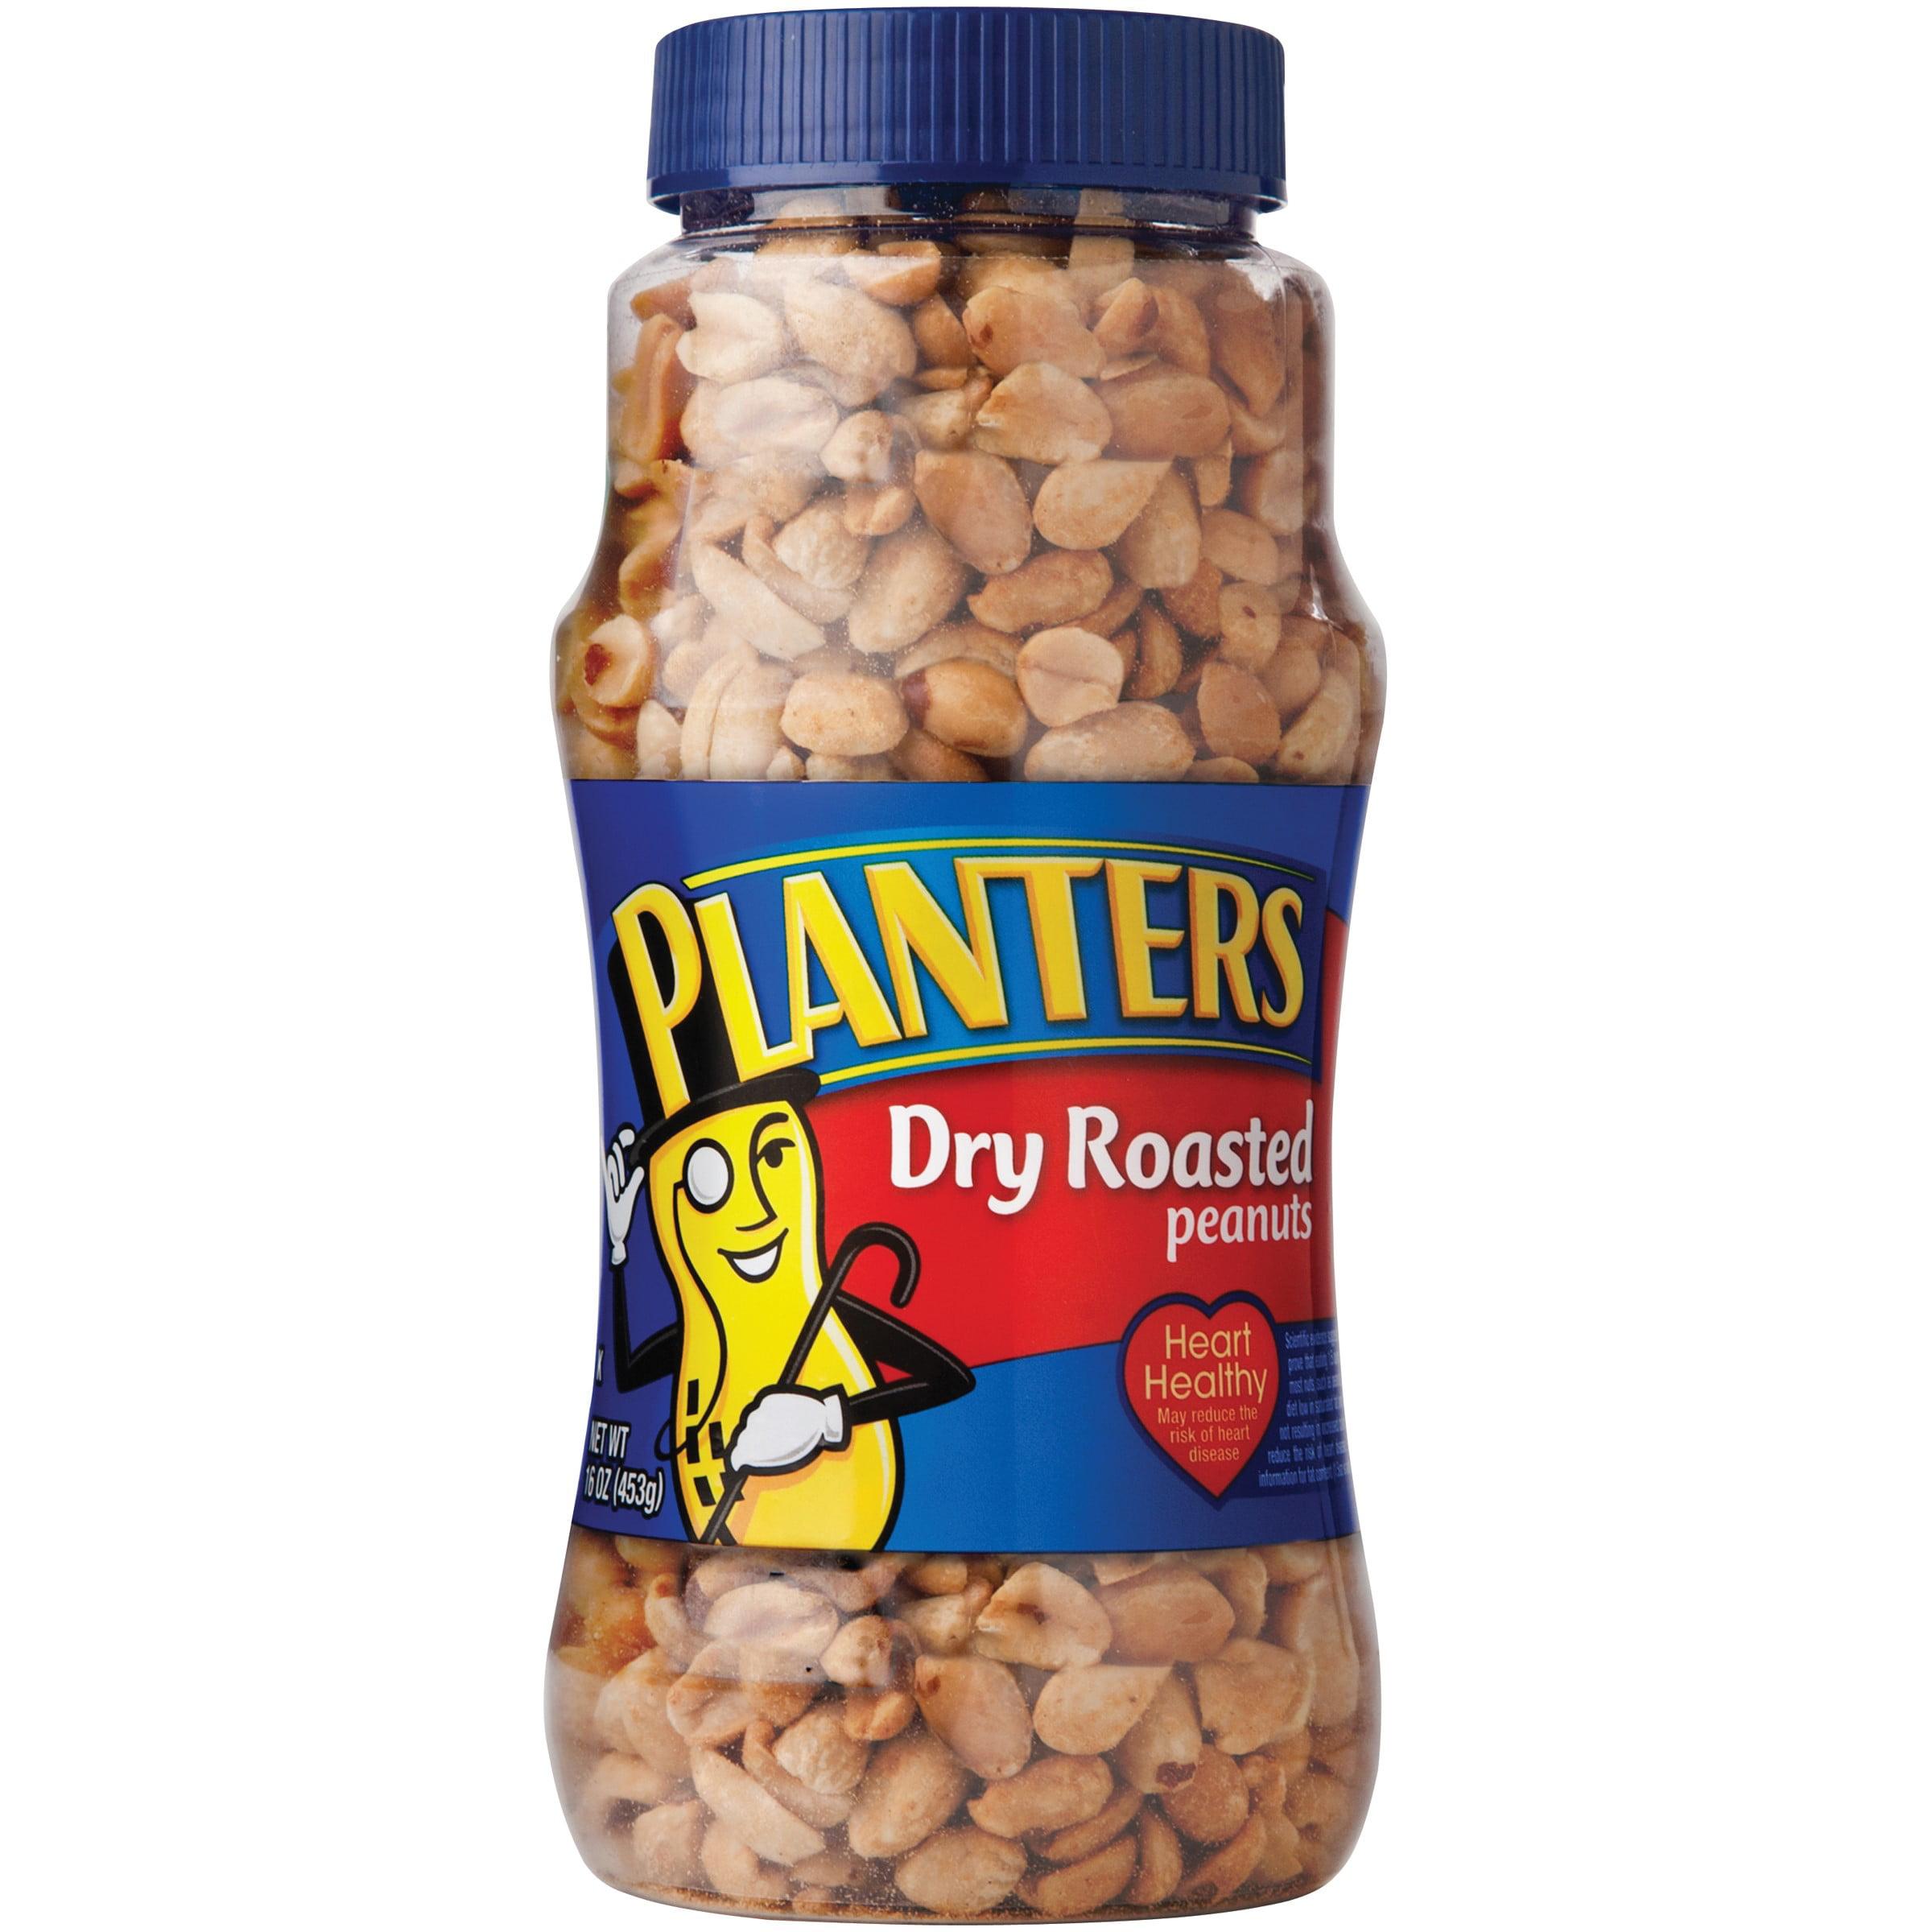 Planters Dry Roasted Peanuts, 16 Oz